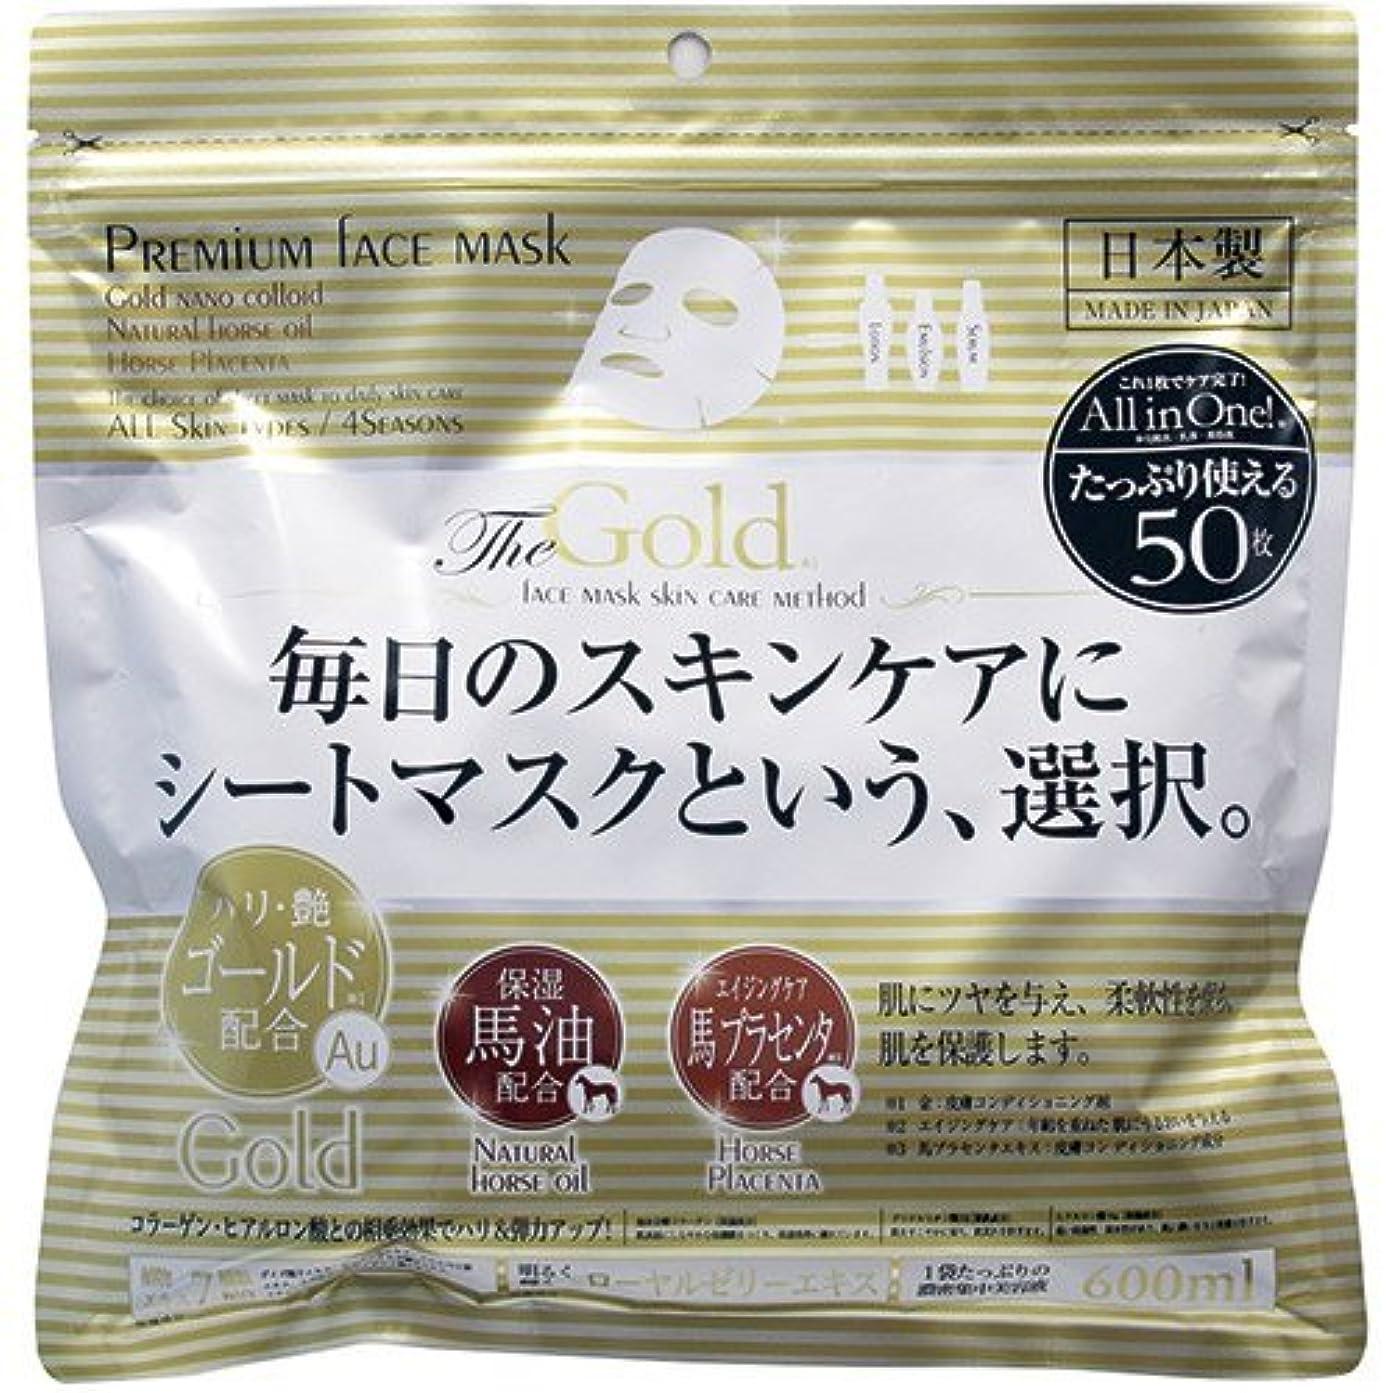 ドループ連鎖再編成する【進製作所】プレミアムフェイスマスク ゴールド 50枚 ×5個セット